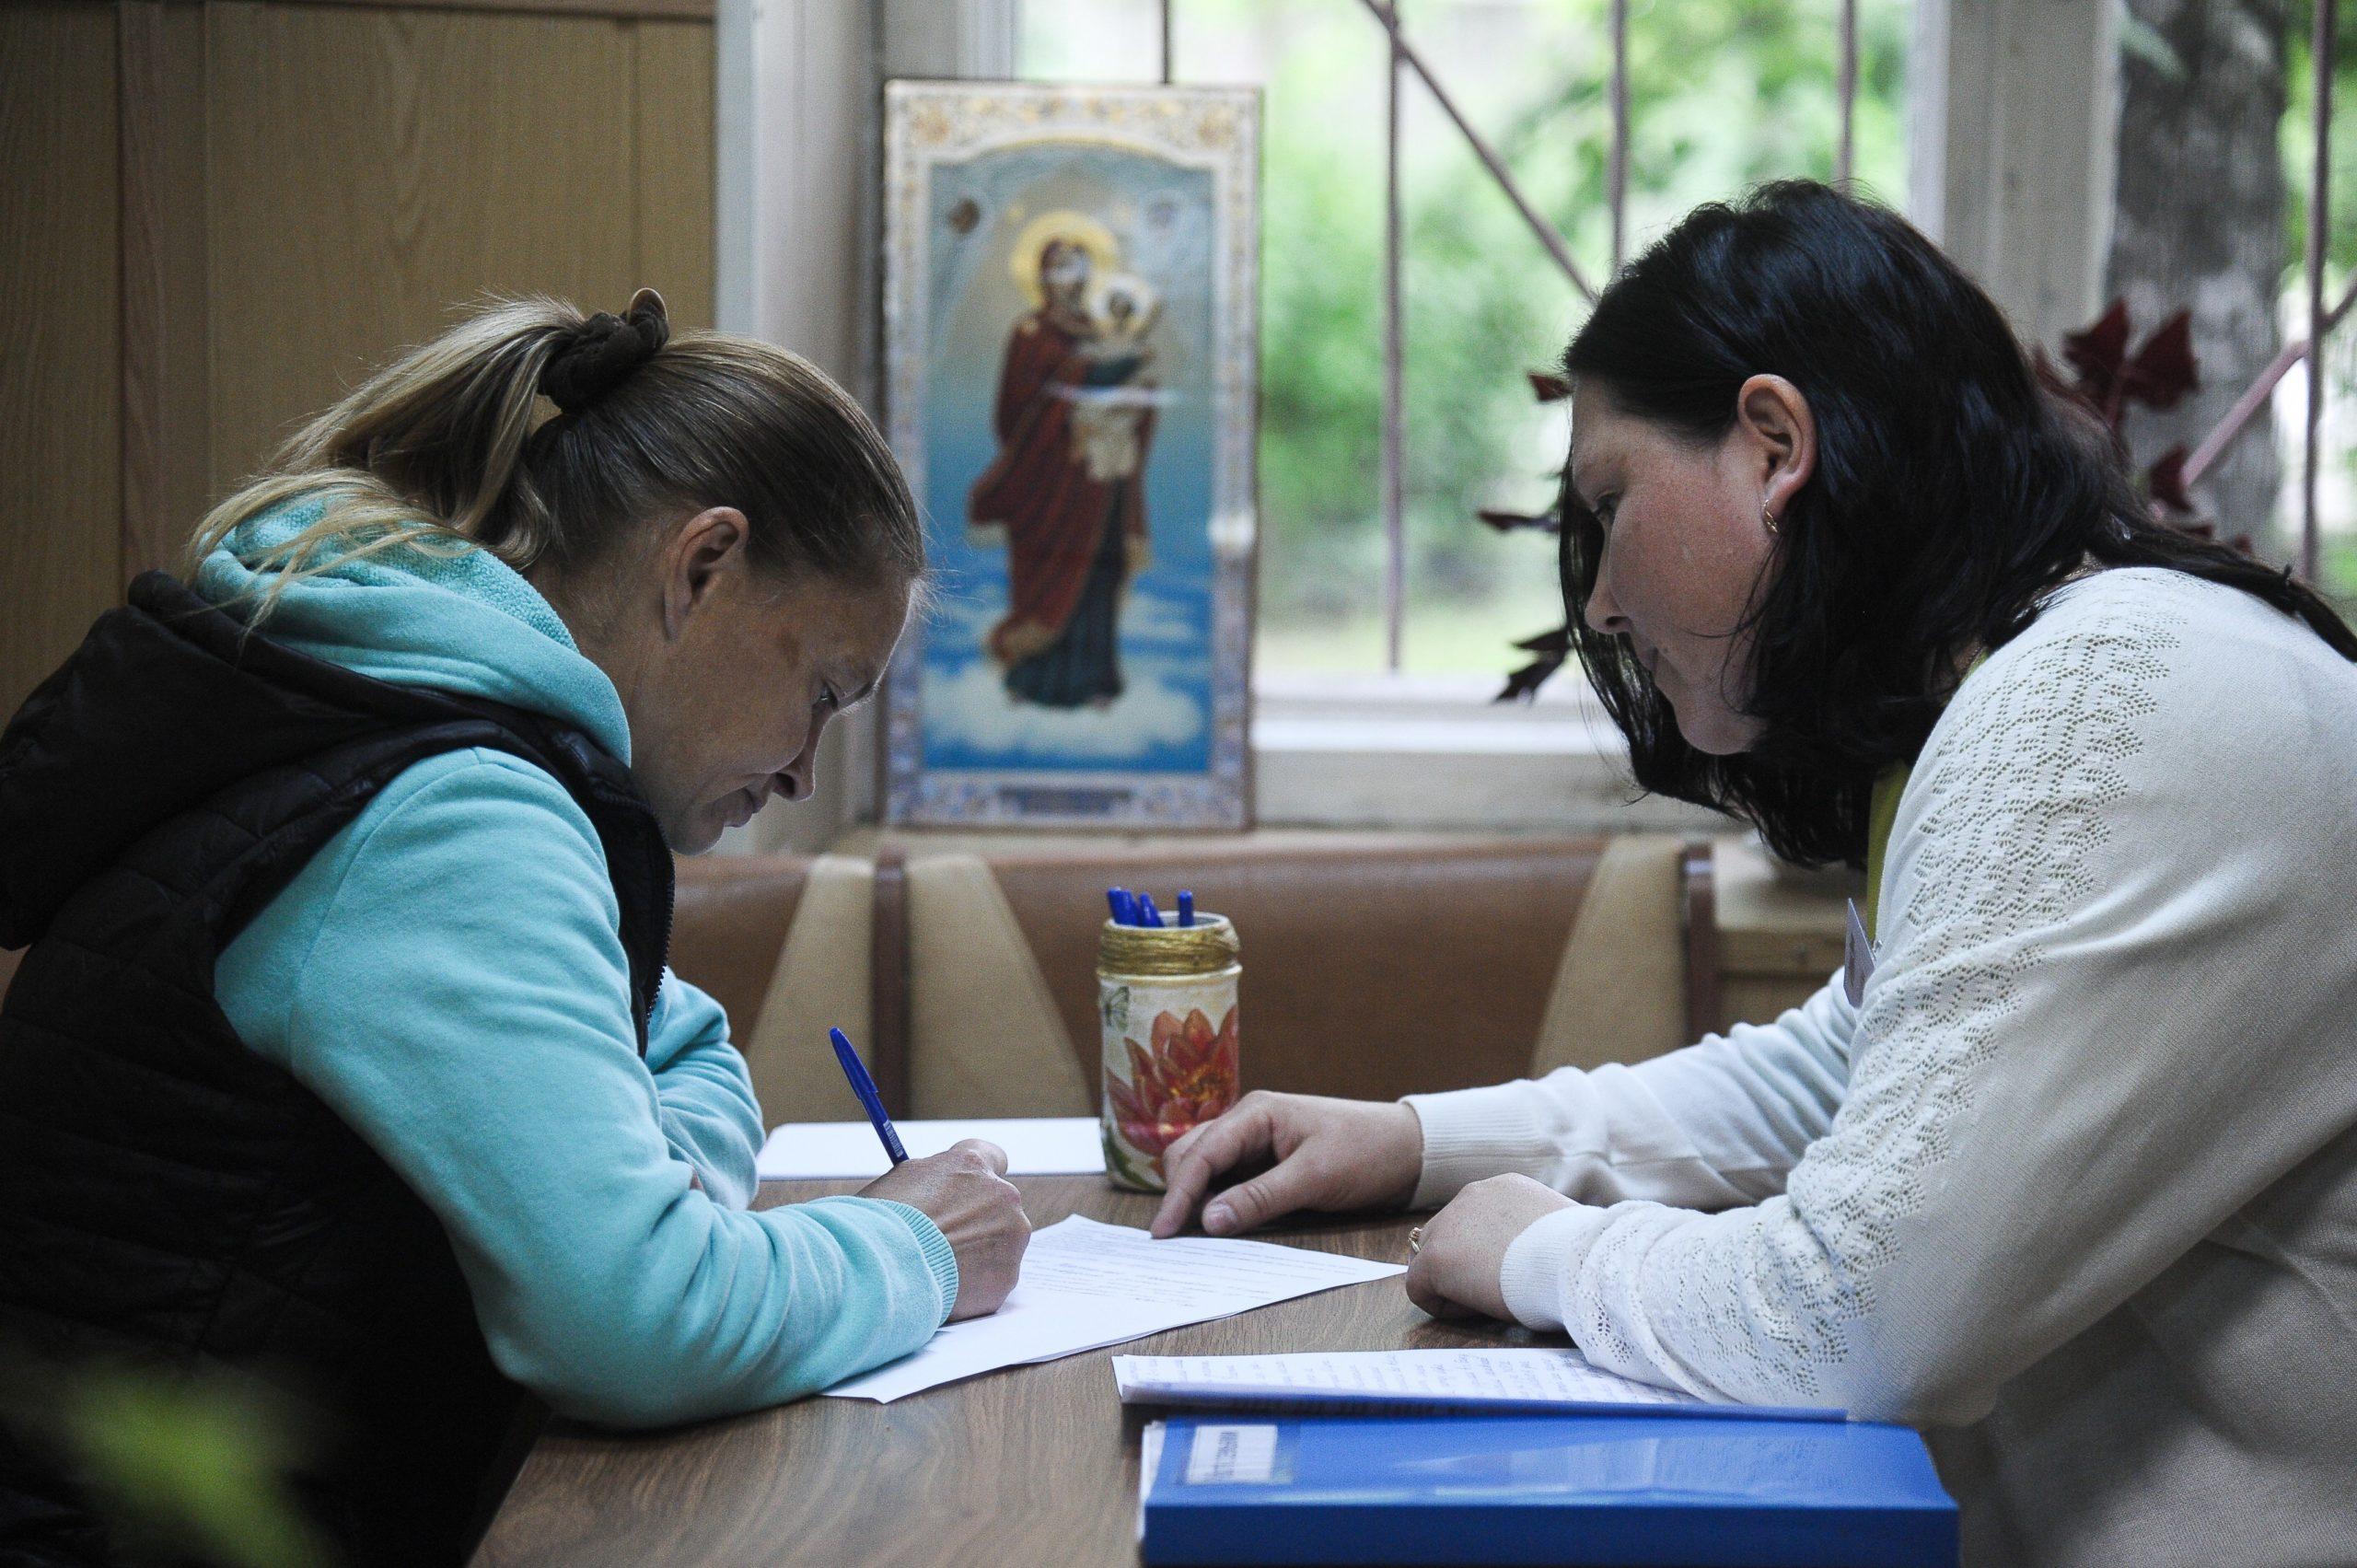 Москалькова предложила создать в Росси фонд помощи потерпевшим